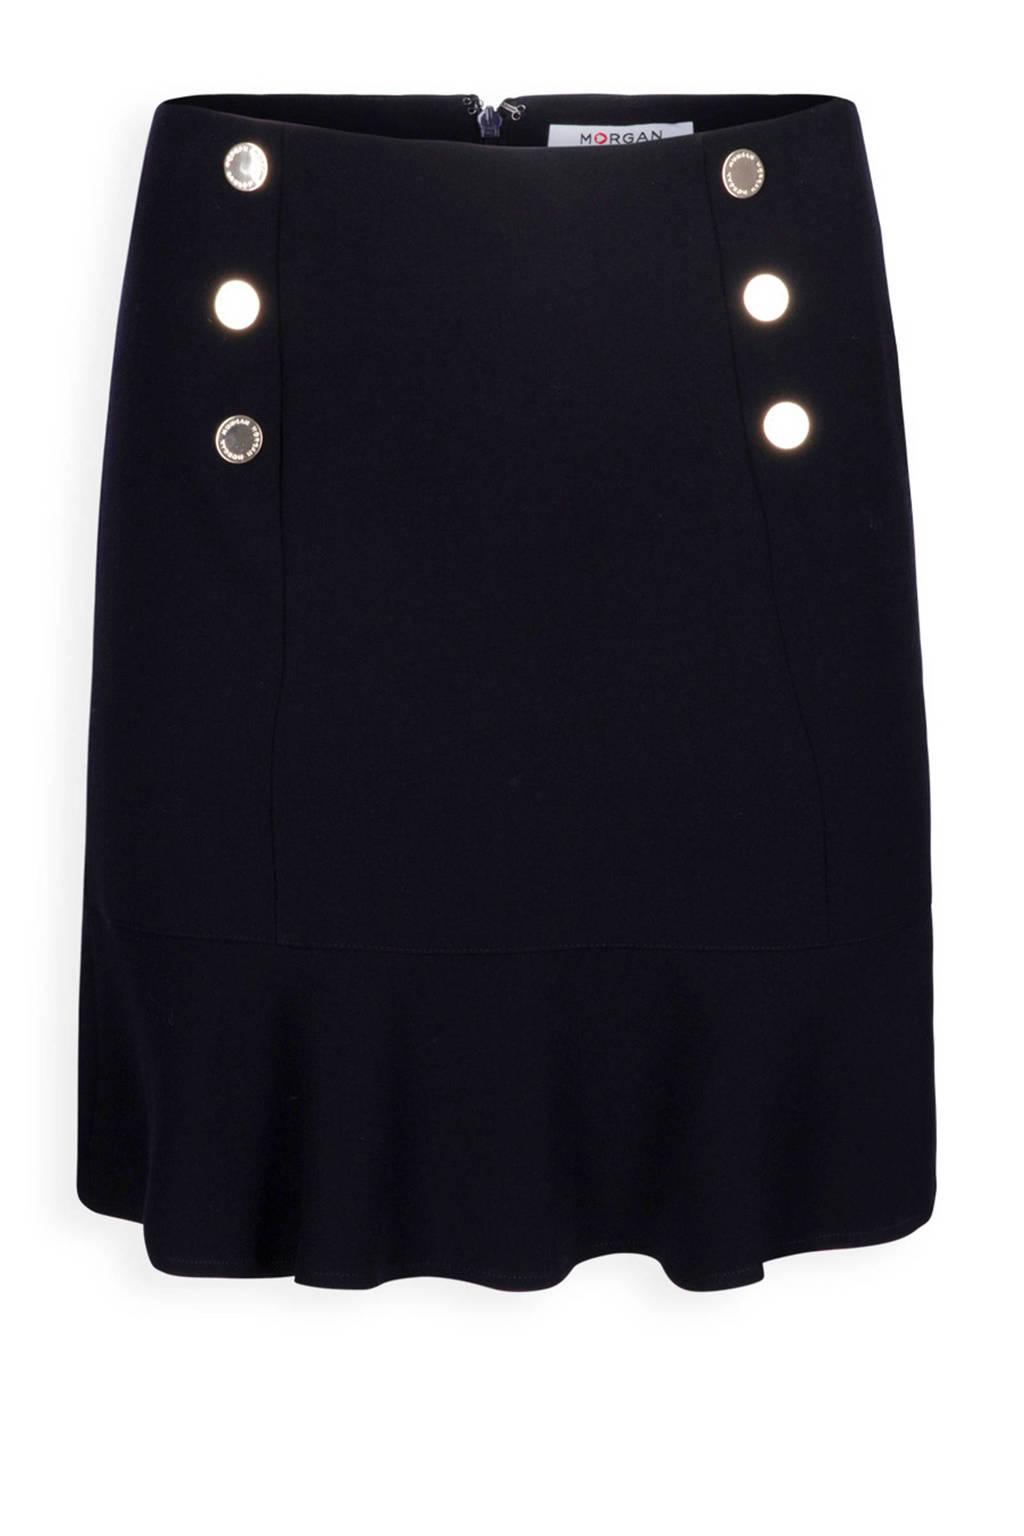 Morgan rok met knopen zwart, Blauw